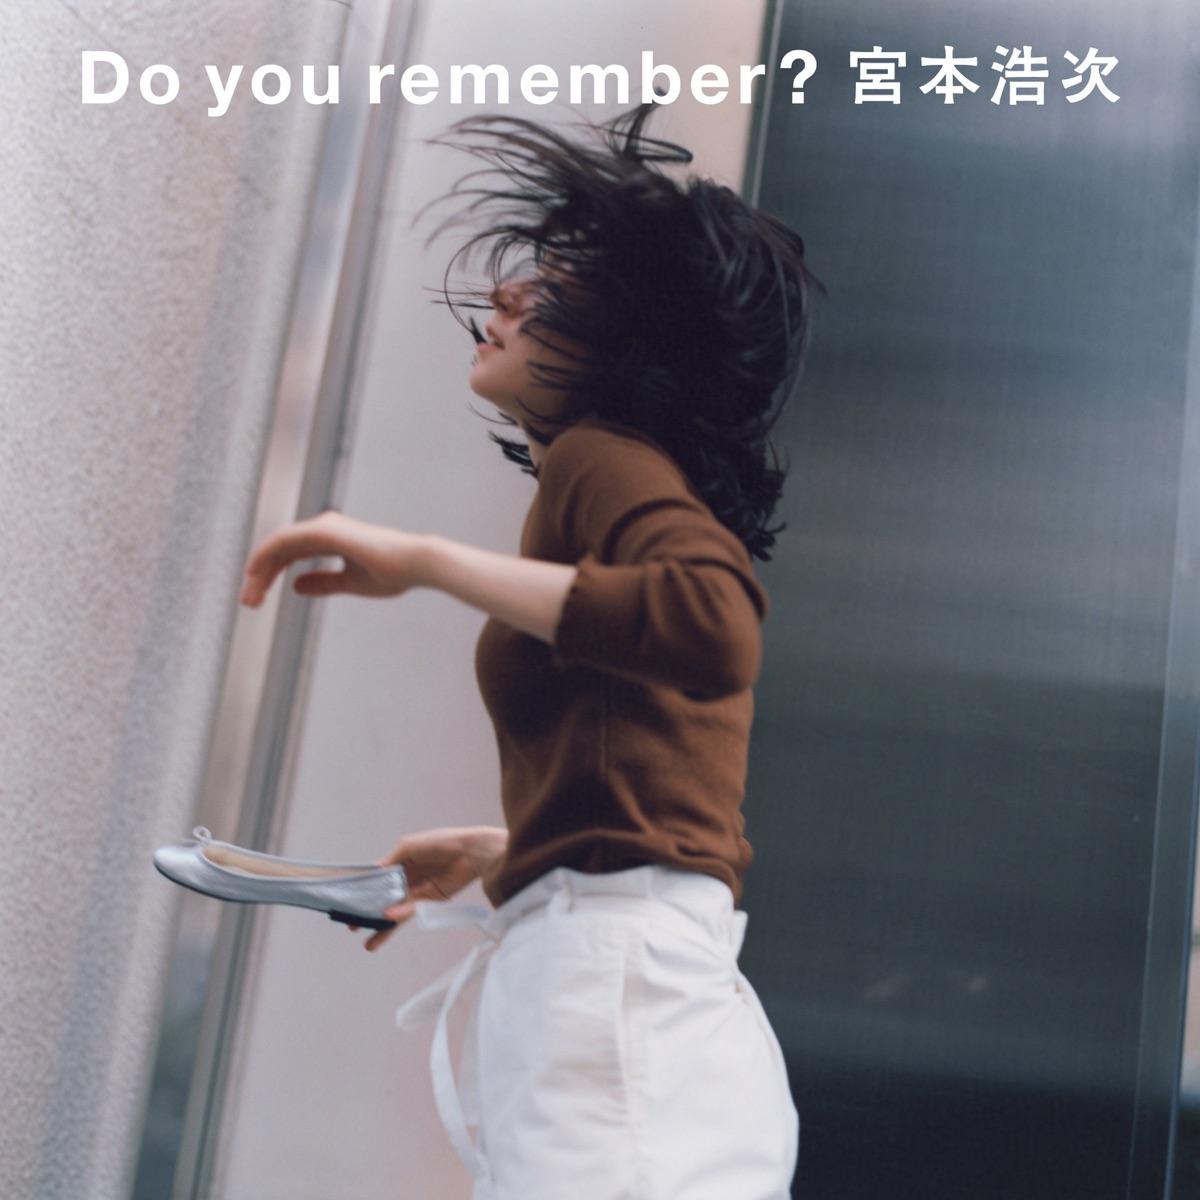 宮本浩次 ハレルヤ 歌詞